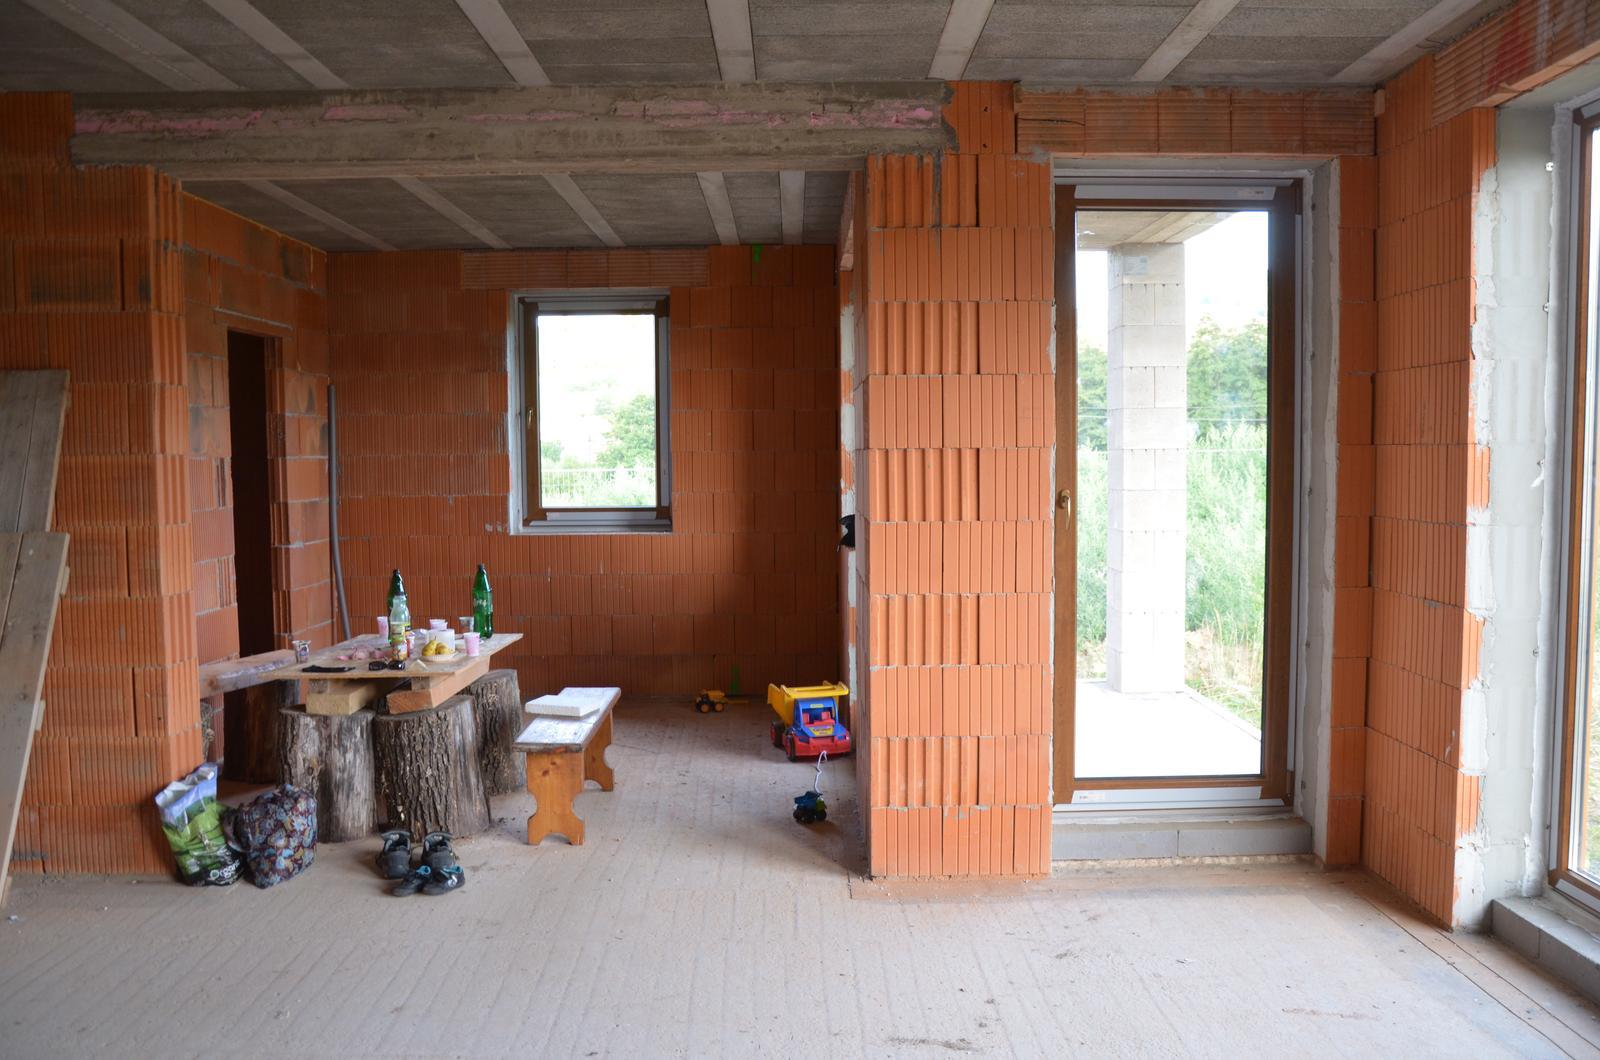 Náš budúci domov - okná 1.8.2015